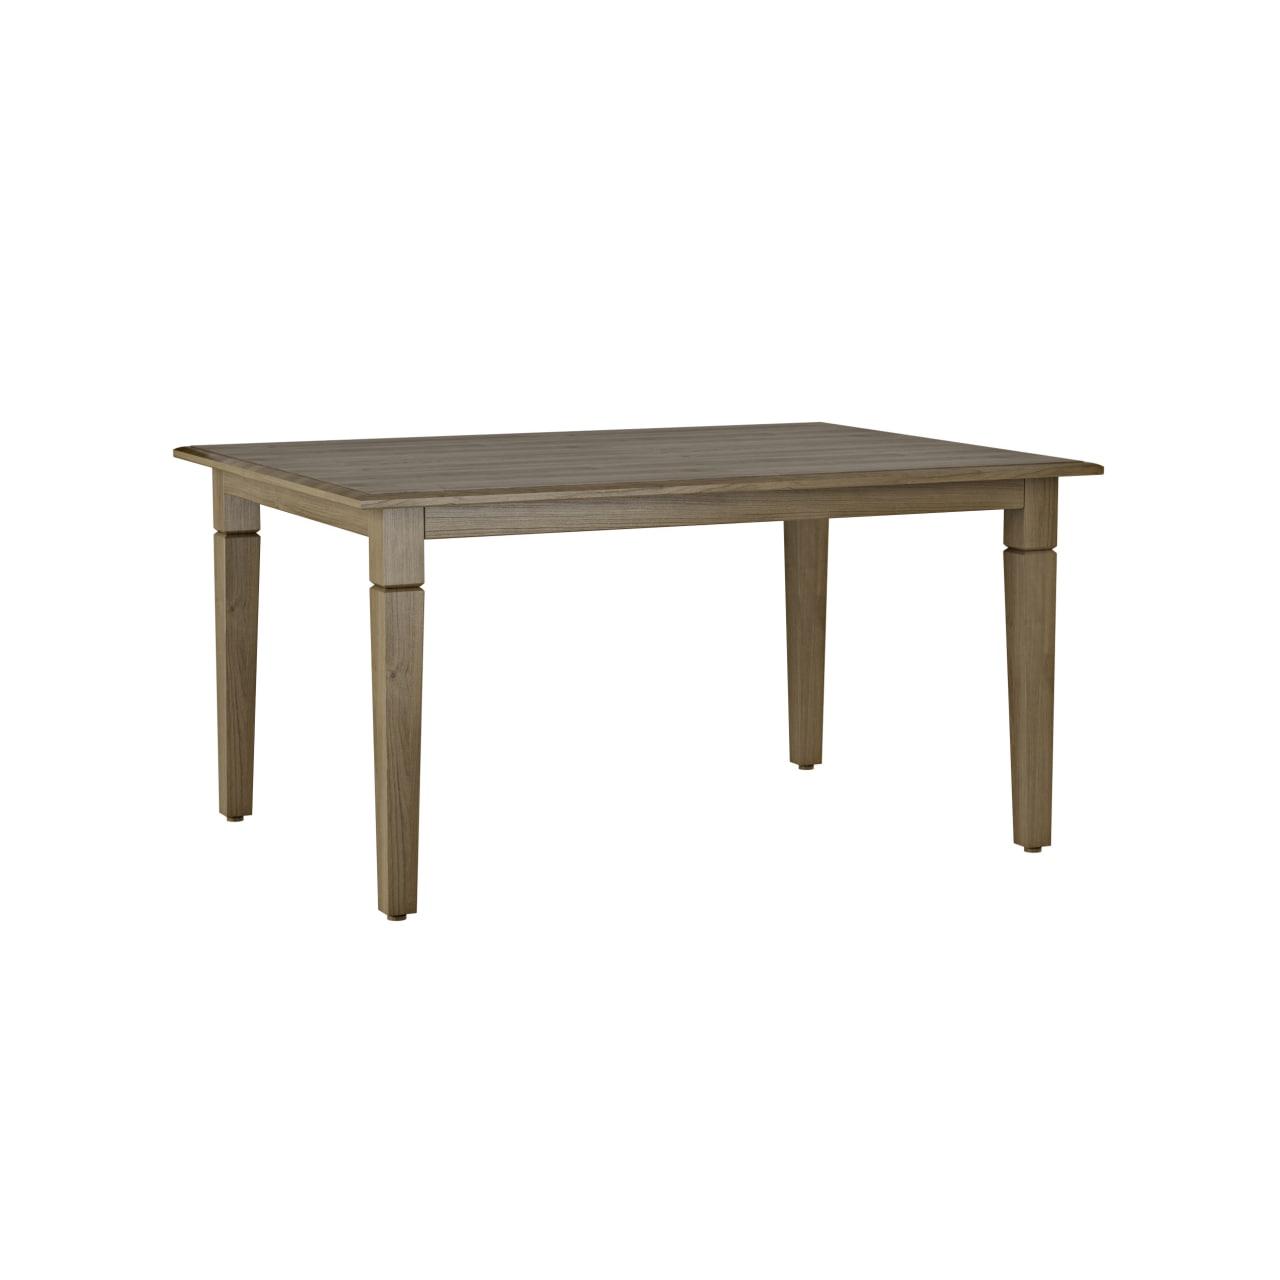 Simple 3D Model of Furniture Piece